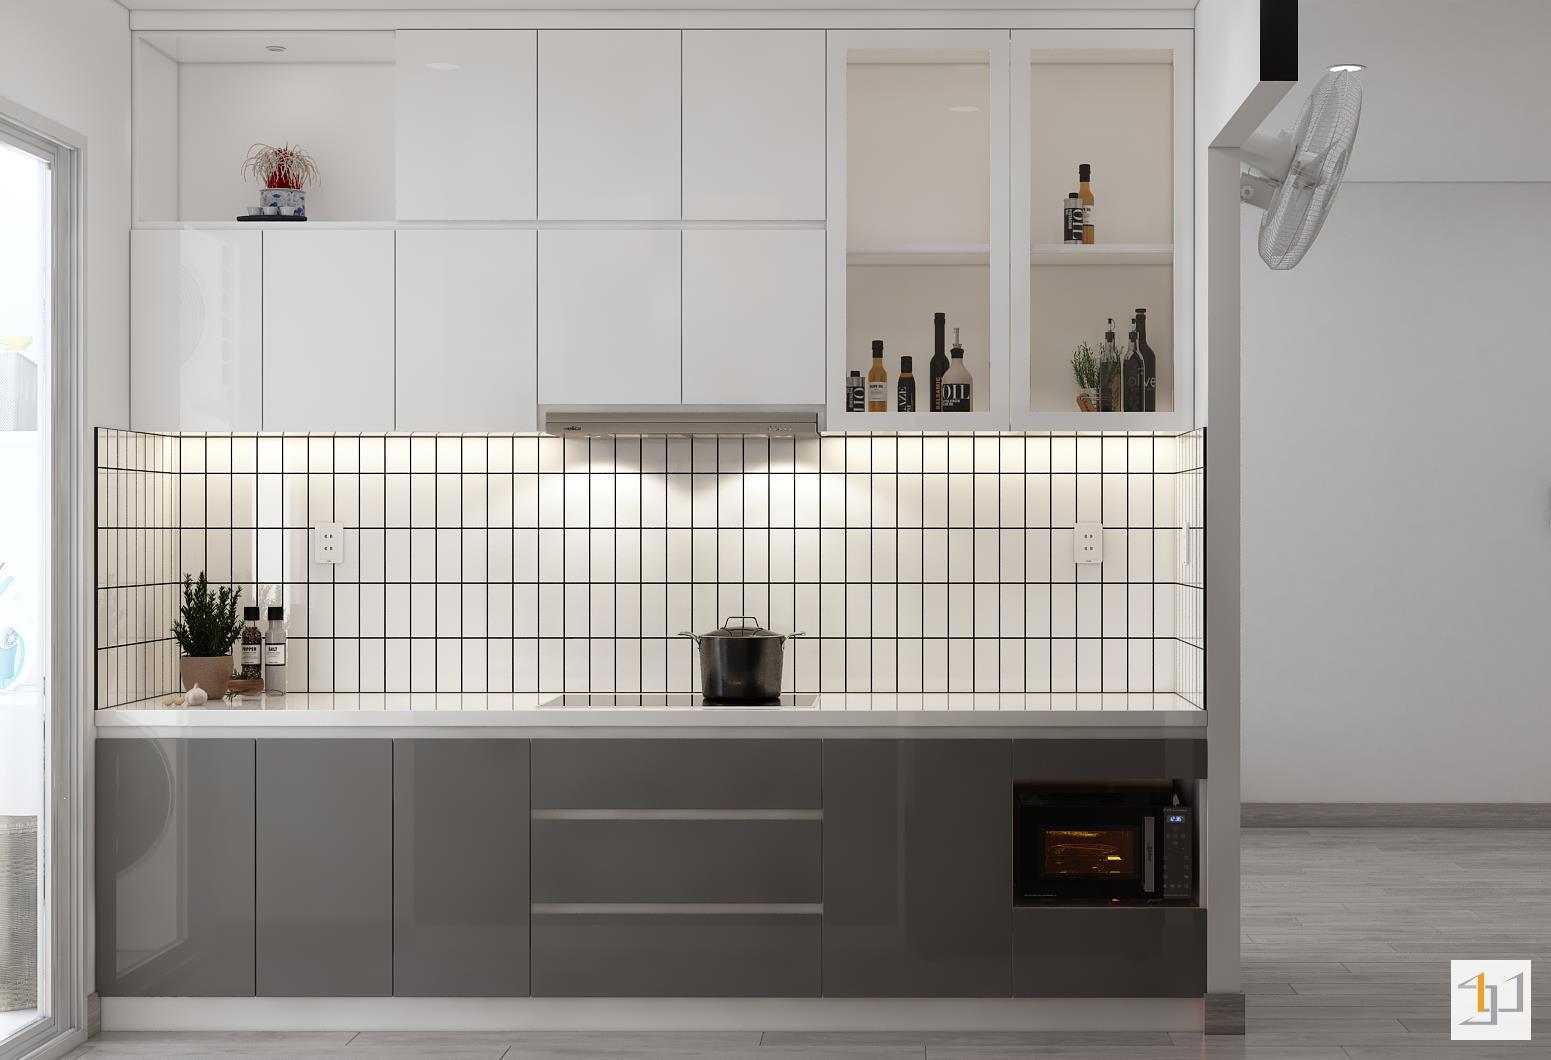 thiết kế nội thất chung cư đơn giản - 09